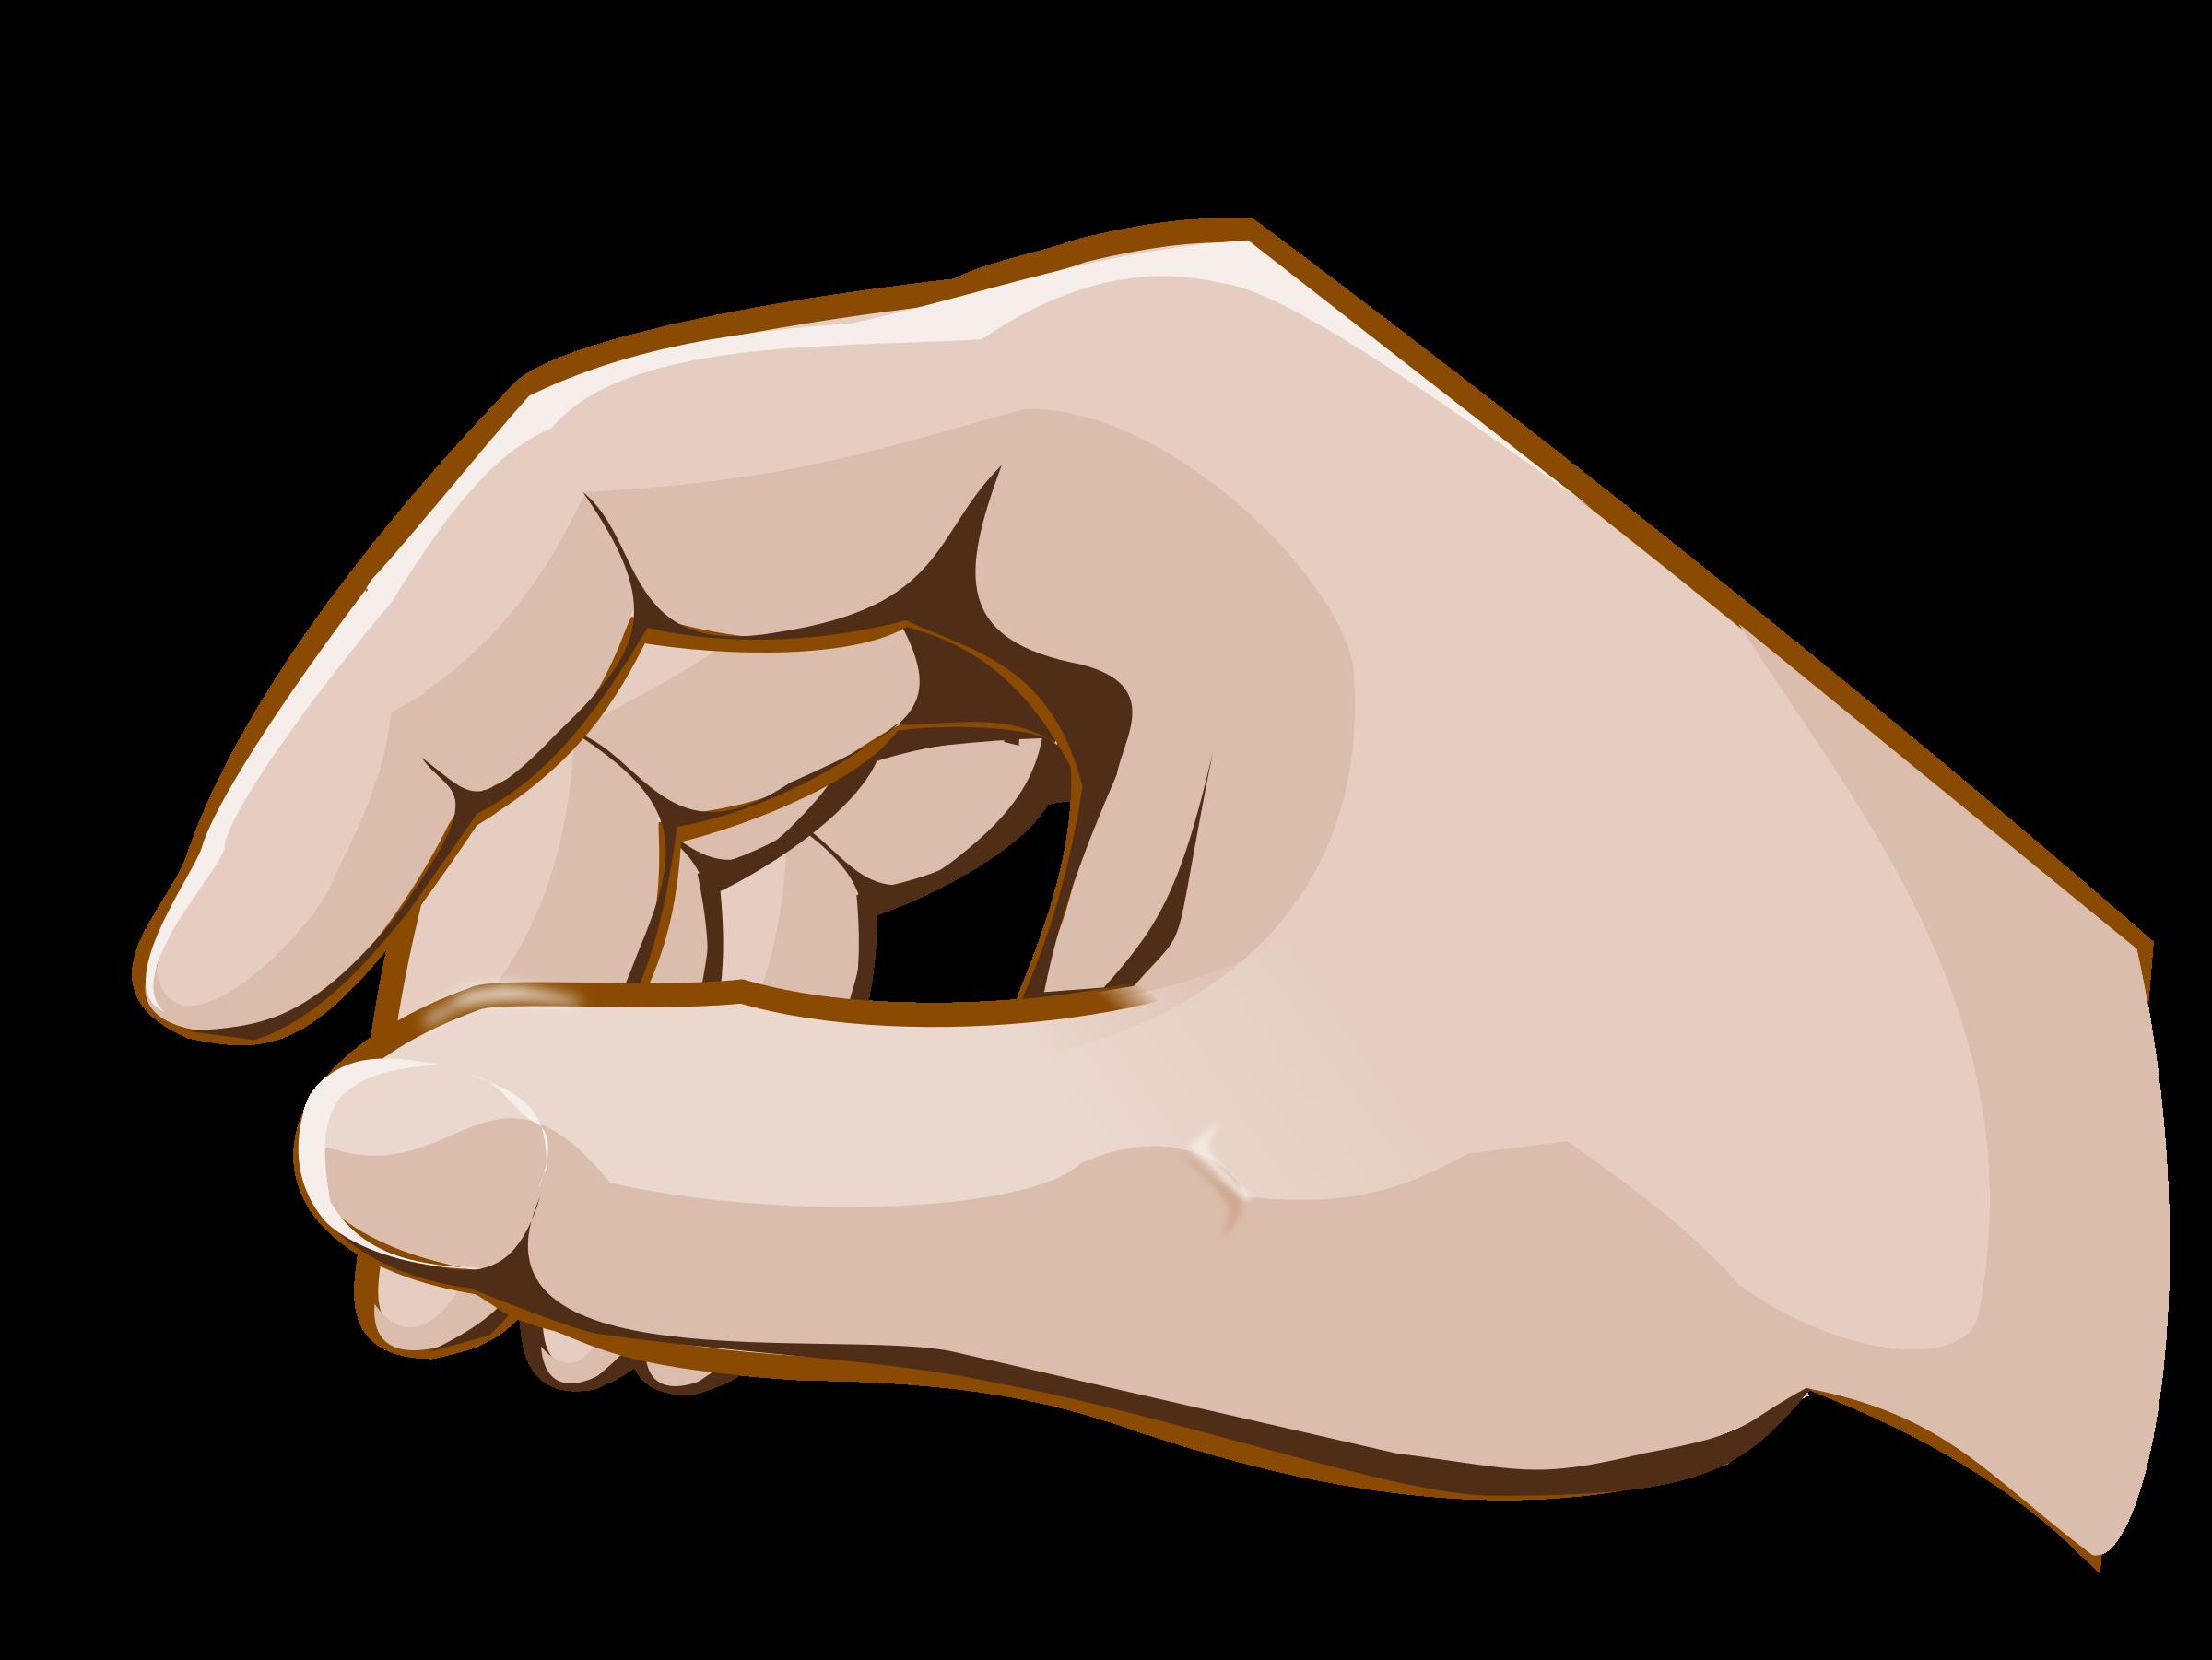 Hands big image png. Hammer clipart left handed